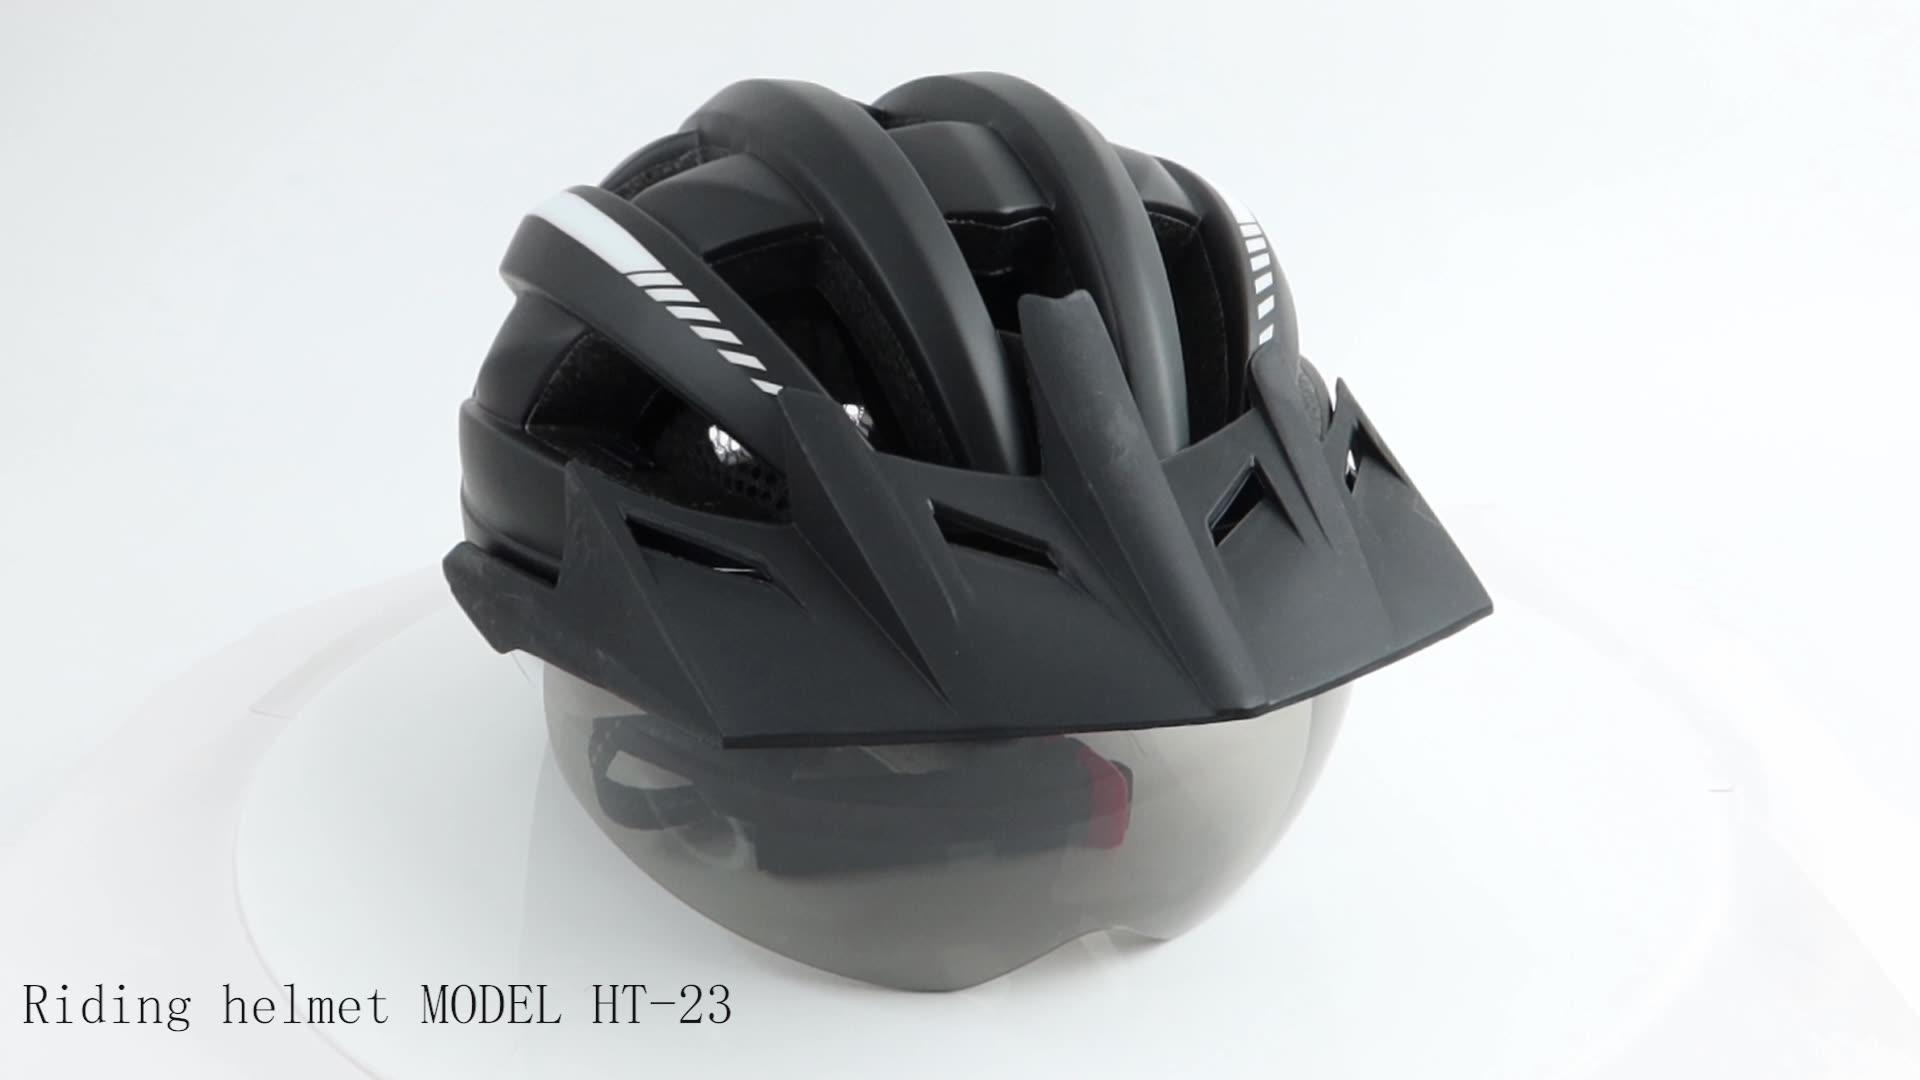 2020 Das Mulheres Dos Homens do Esporte ciclismo Capacete CE Certificado CPSC Capacete Da Bicicleta Capacete de Segurança Para Adultos Com Luz